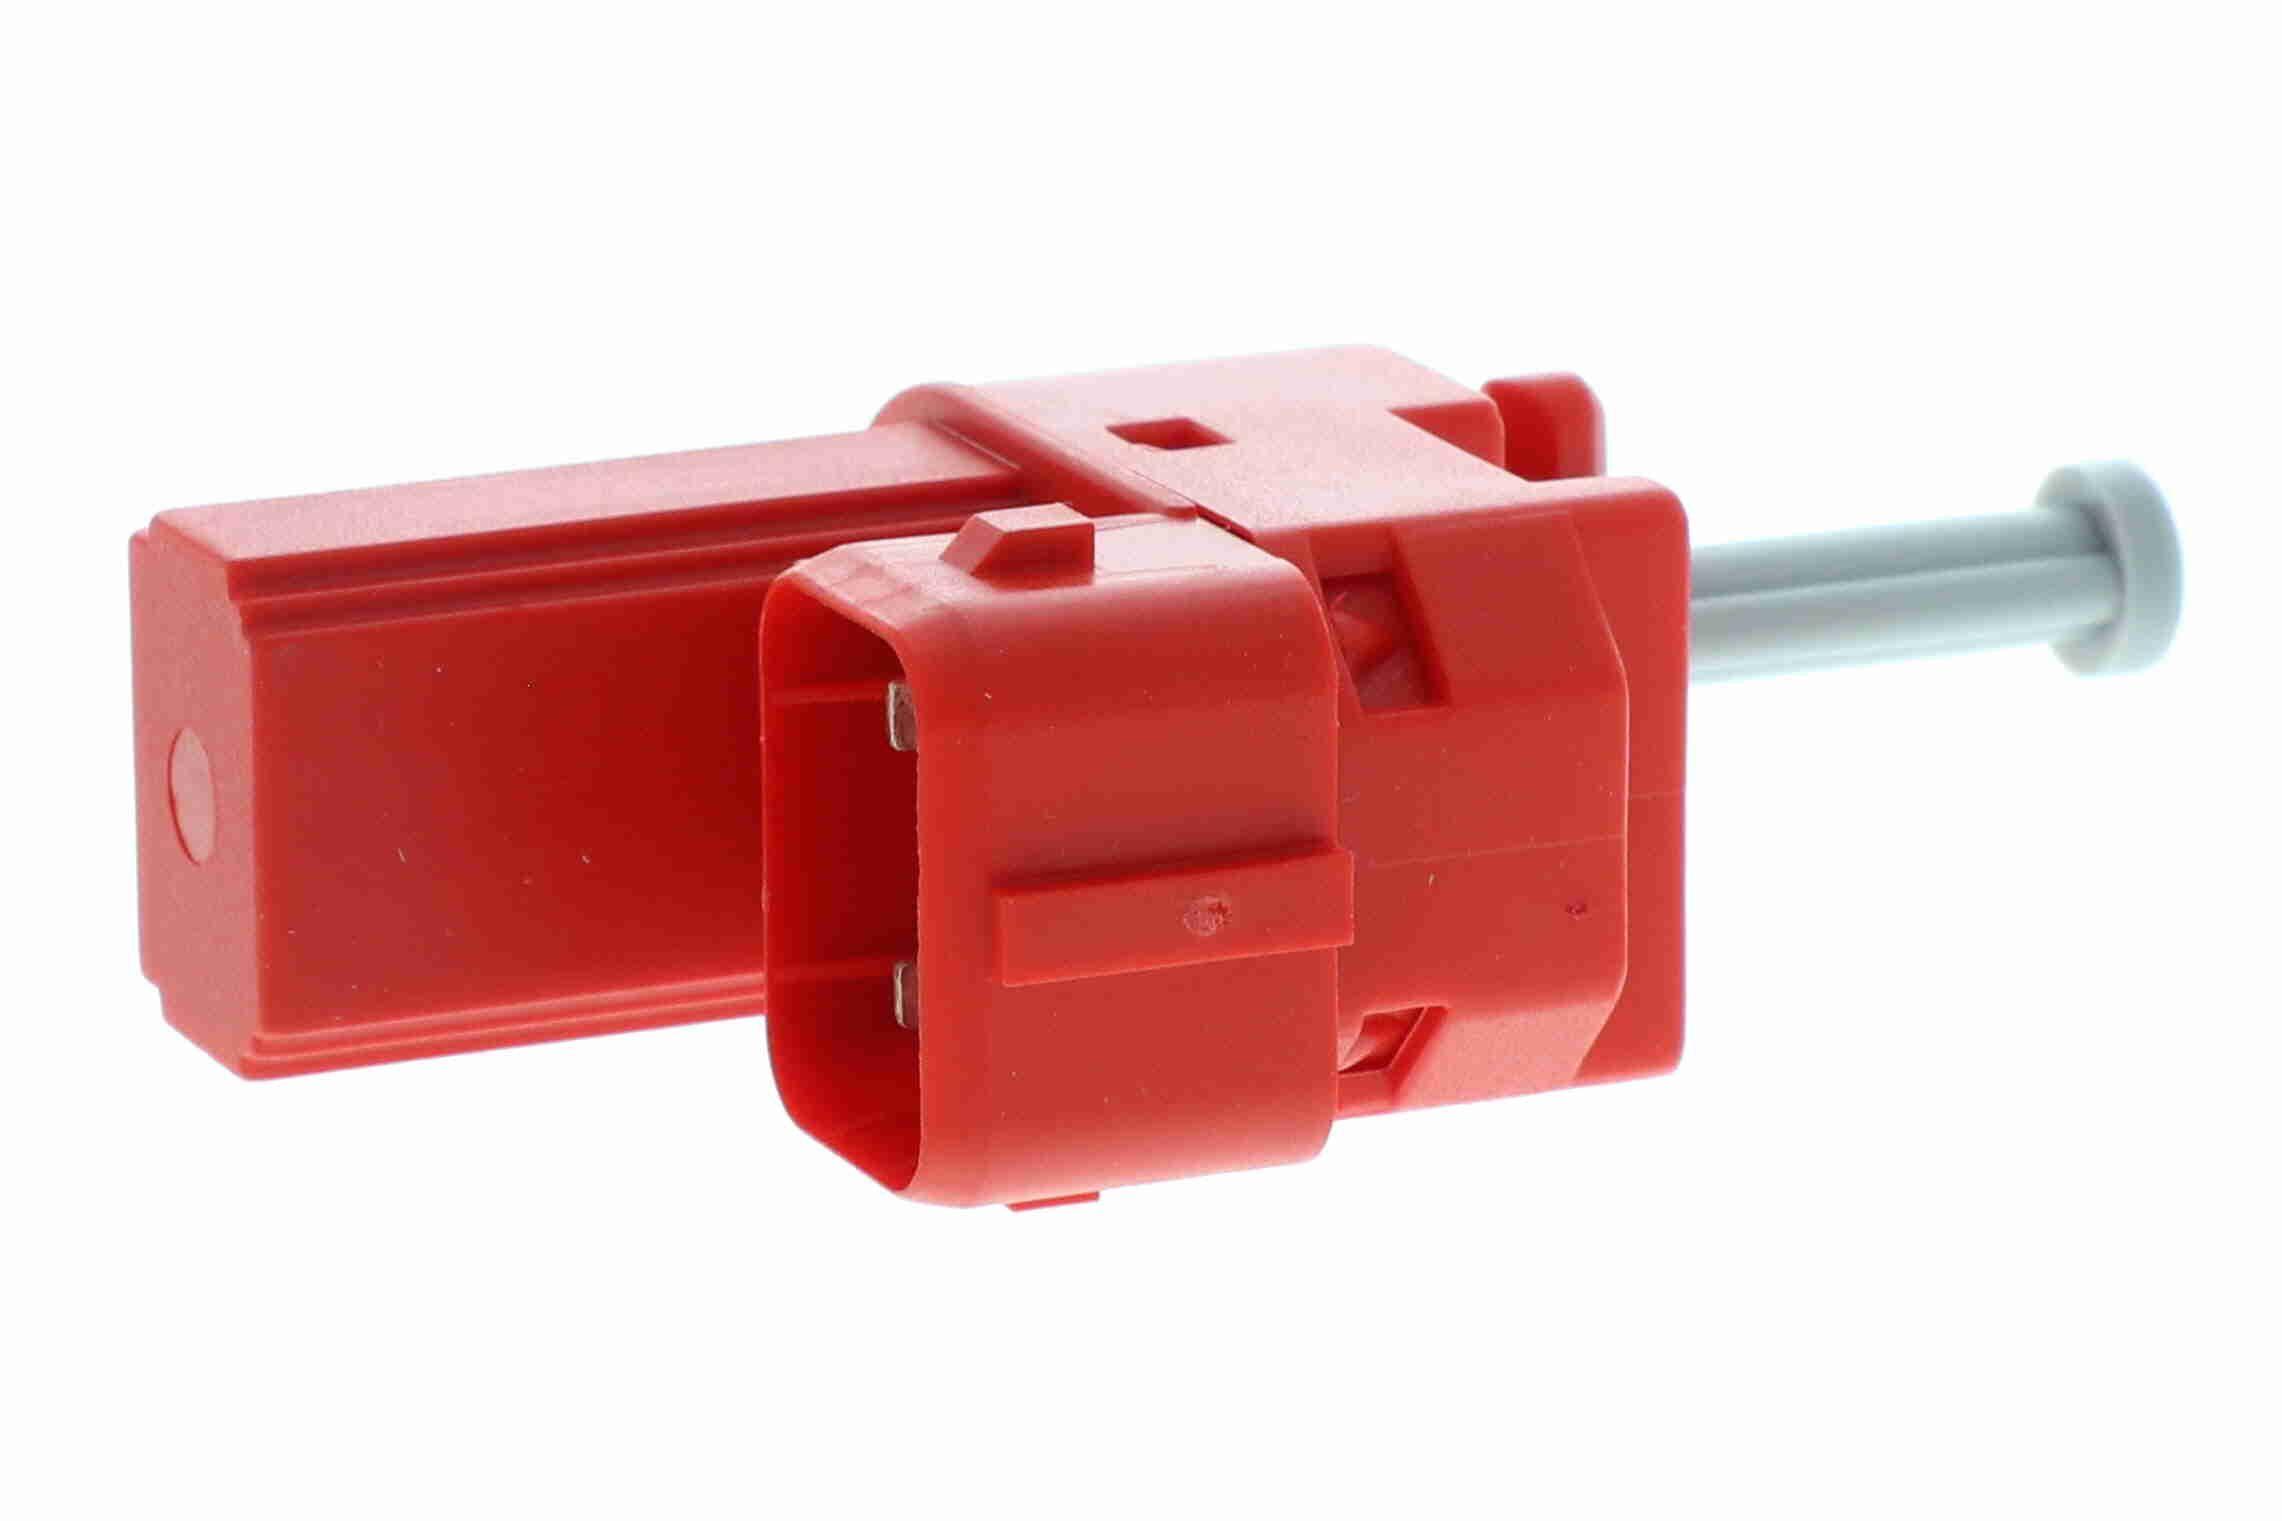 Schalter, Kupplungsbetätigung (GRA) V25-73-0092 — aktuelle Top OE 7 029 402 Ersatzteile-Angebote